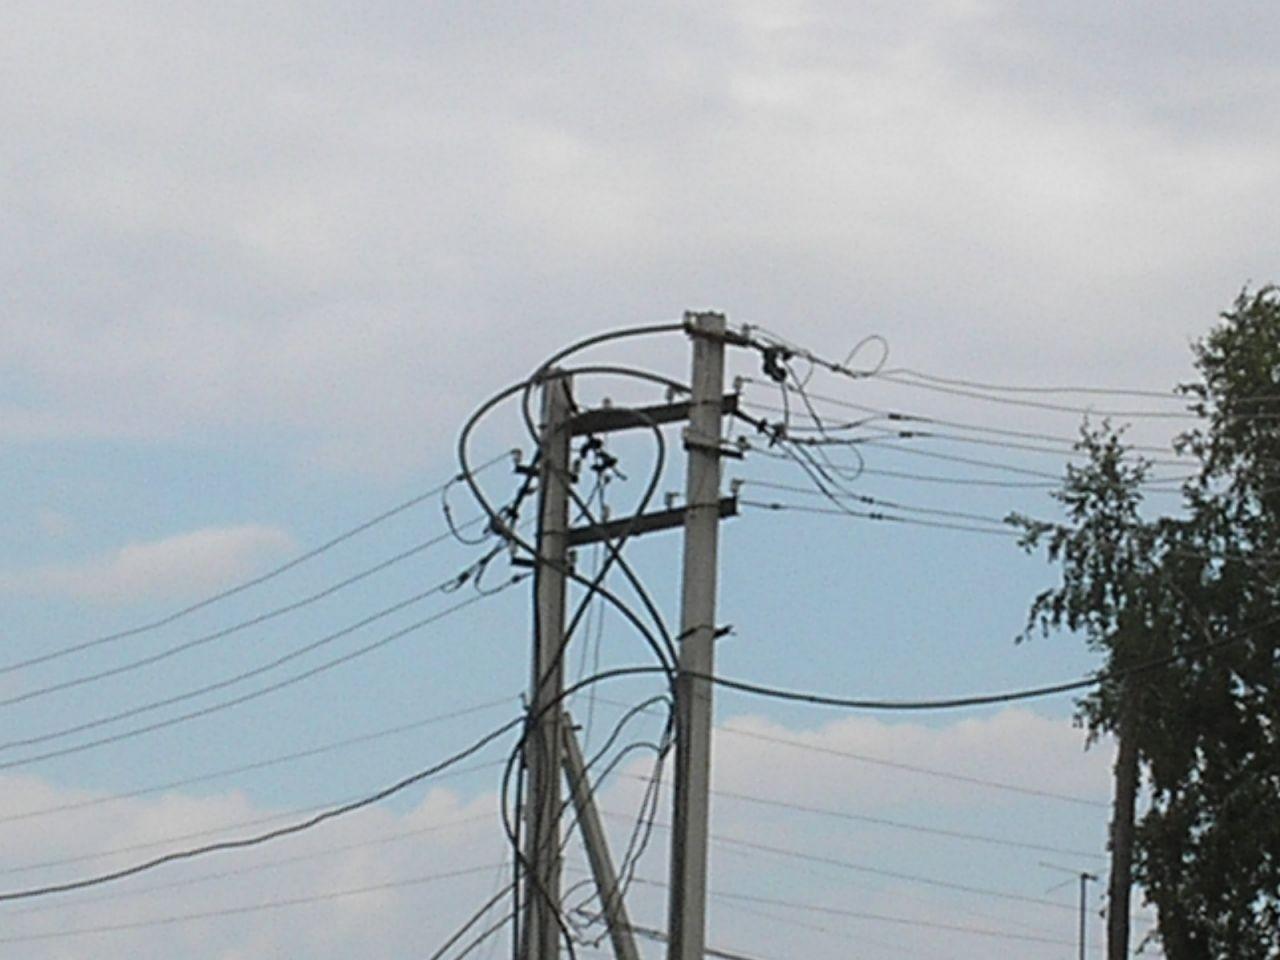 ВКрыму 21 населённый пункт остался без света из-за мощного ветра